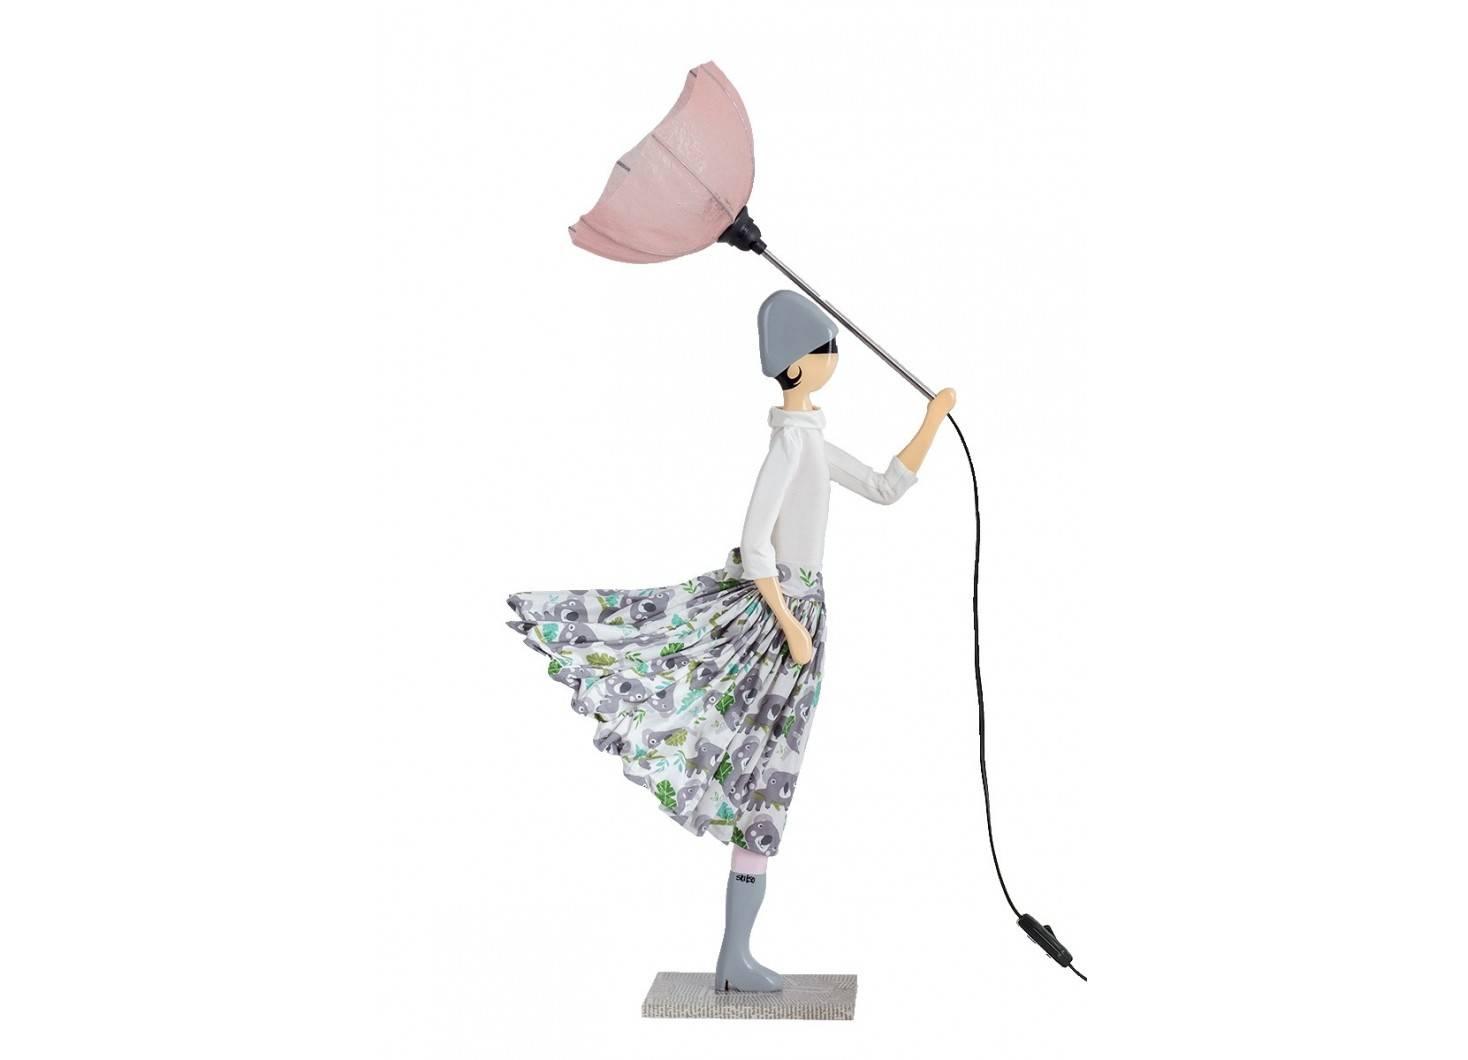 Lampe Mella - fille au parapluie